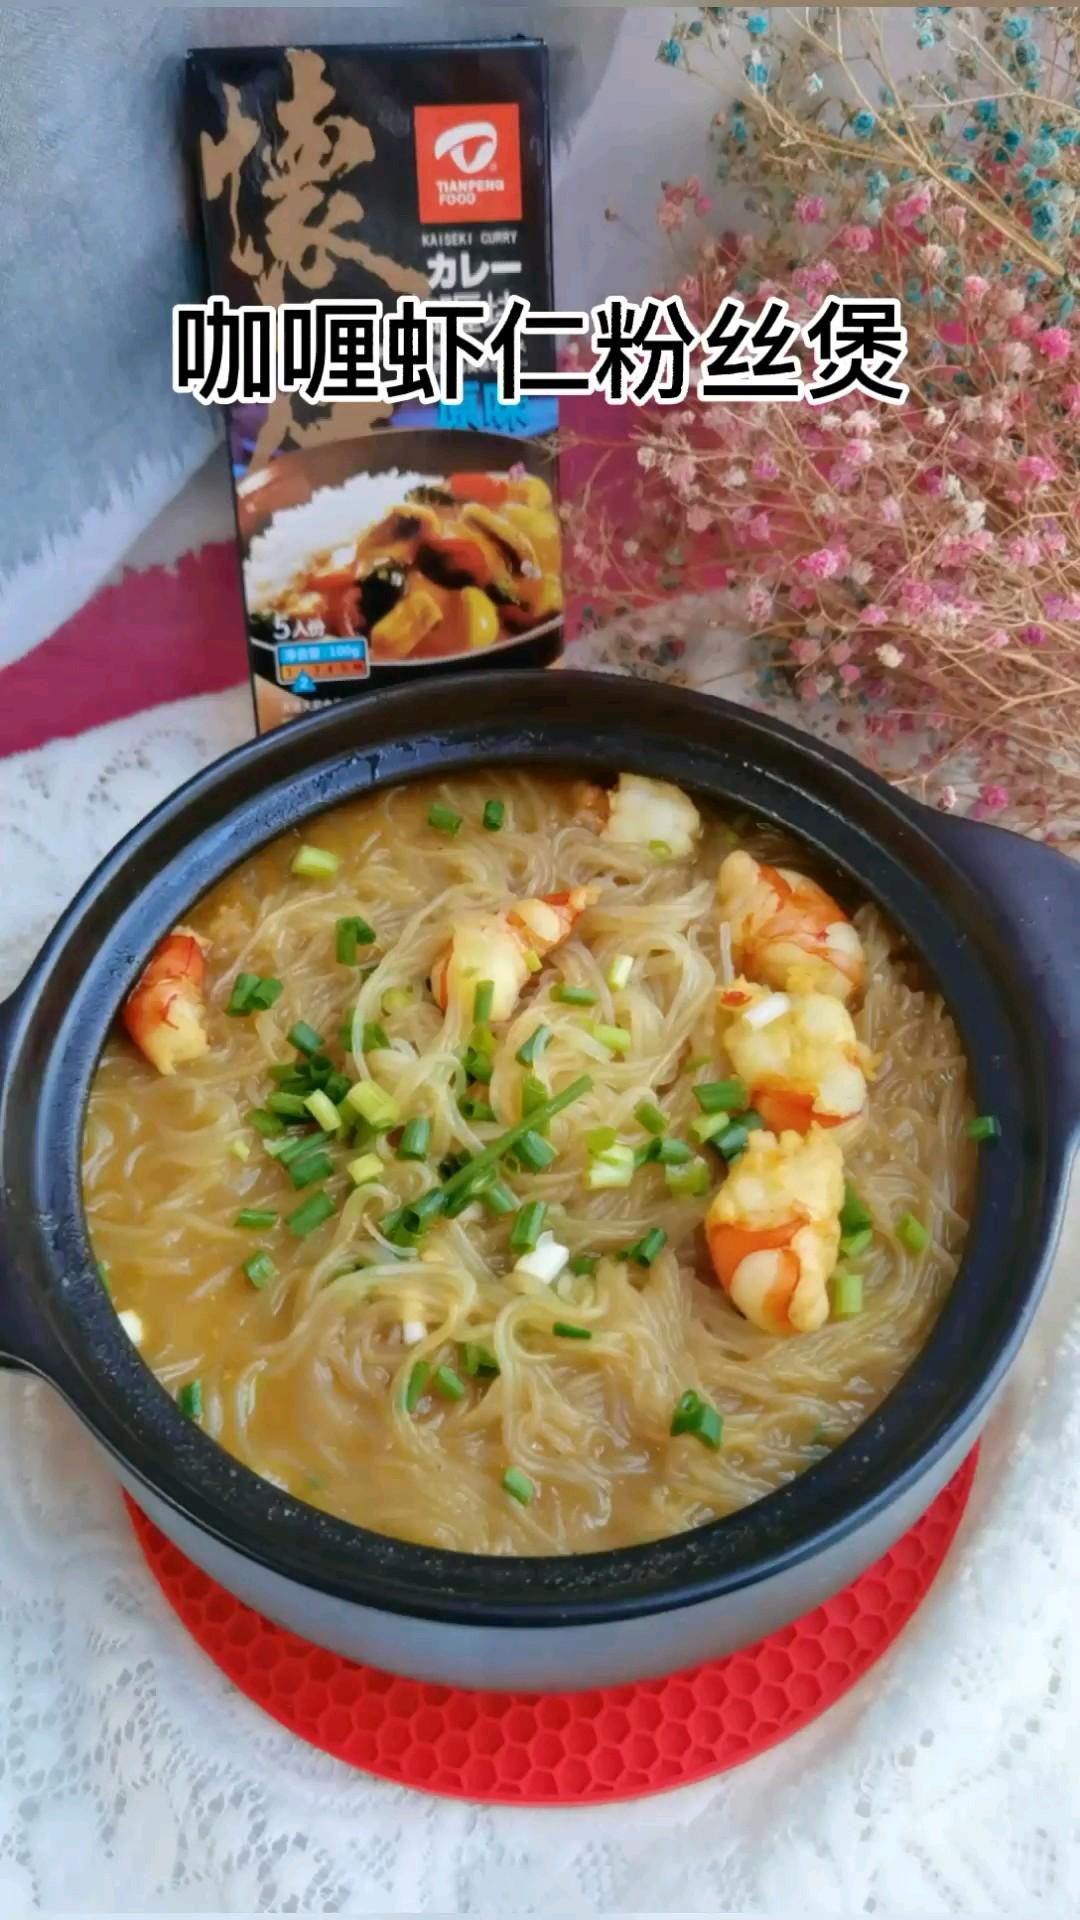 咖喱虾仁粉丝煲